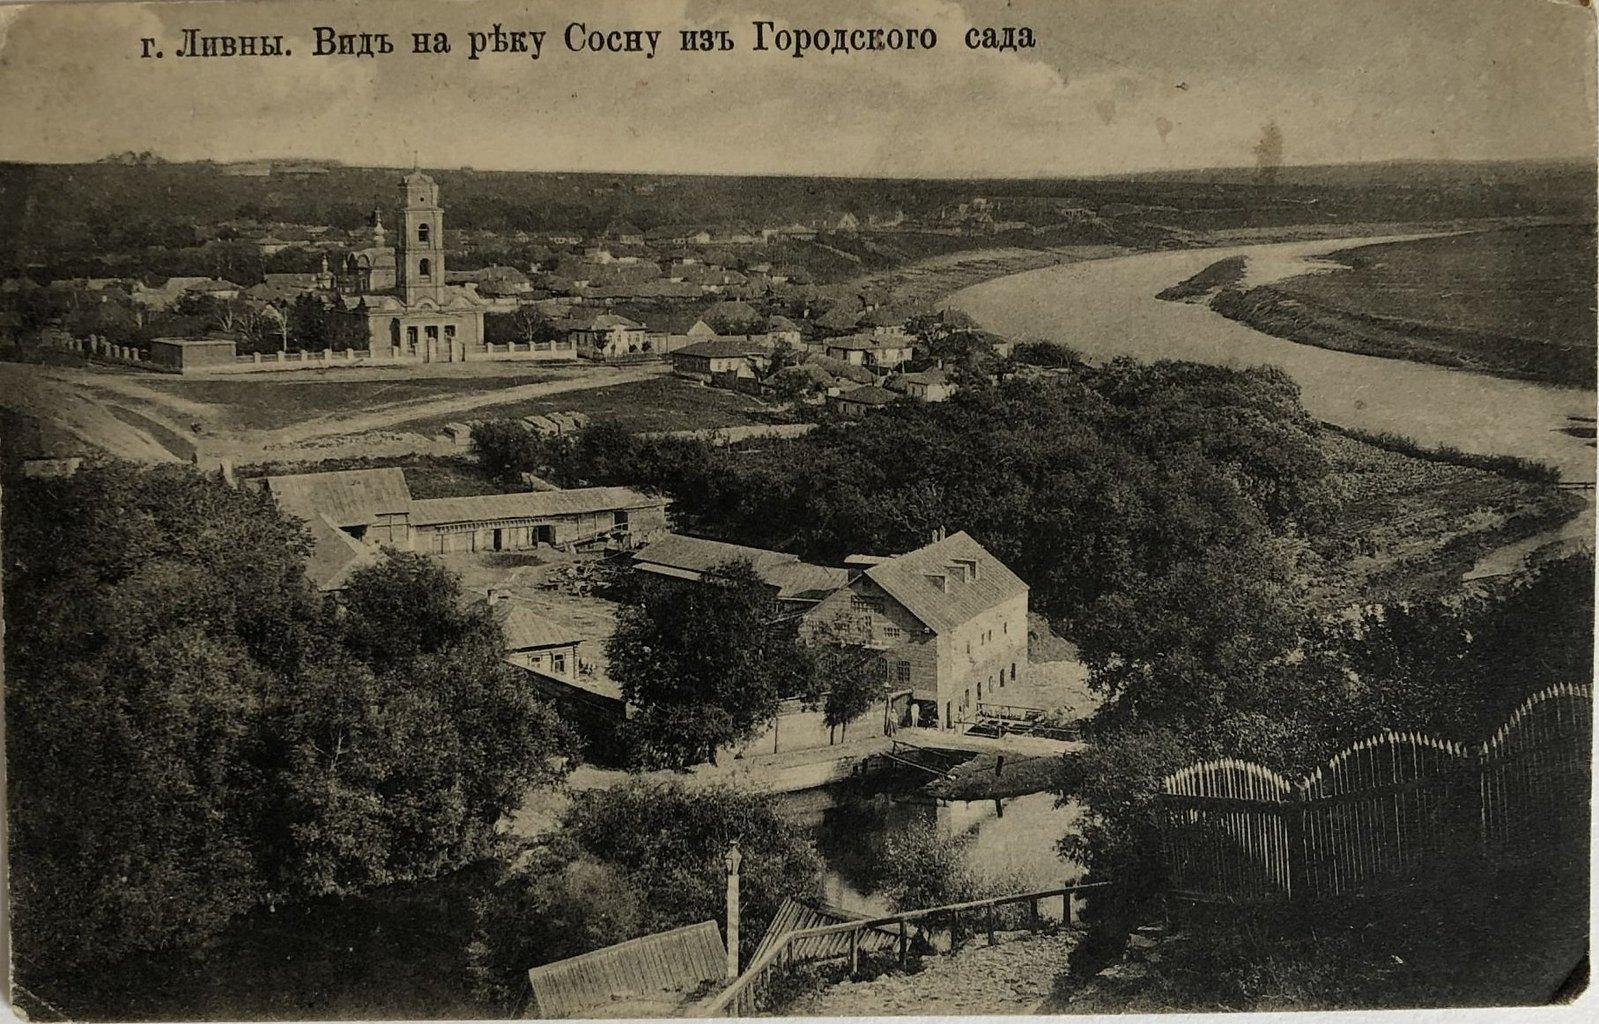 Вид на реку Сосну из Городского сада